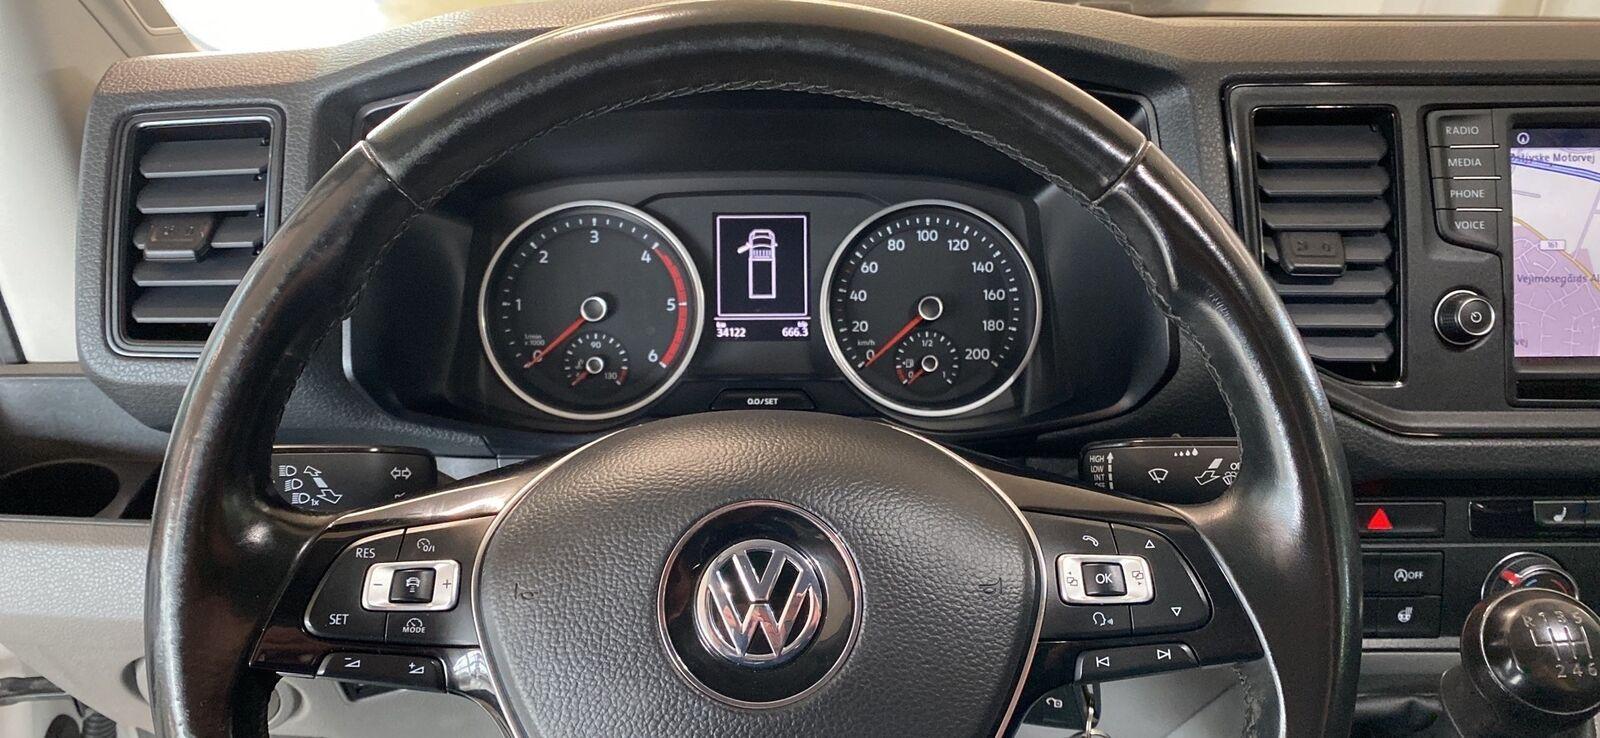 Billede af VW Crafter 35 2,0 TDi 177 Ladvogn L3